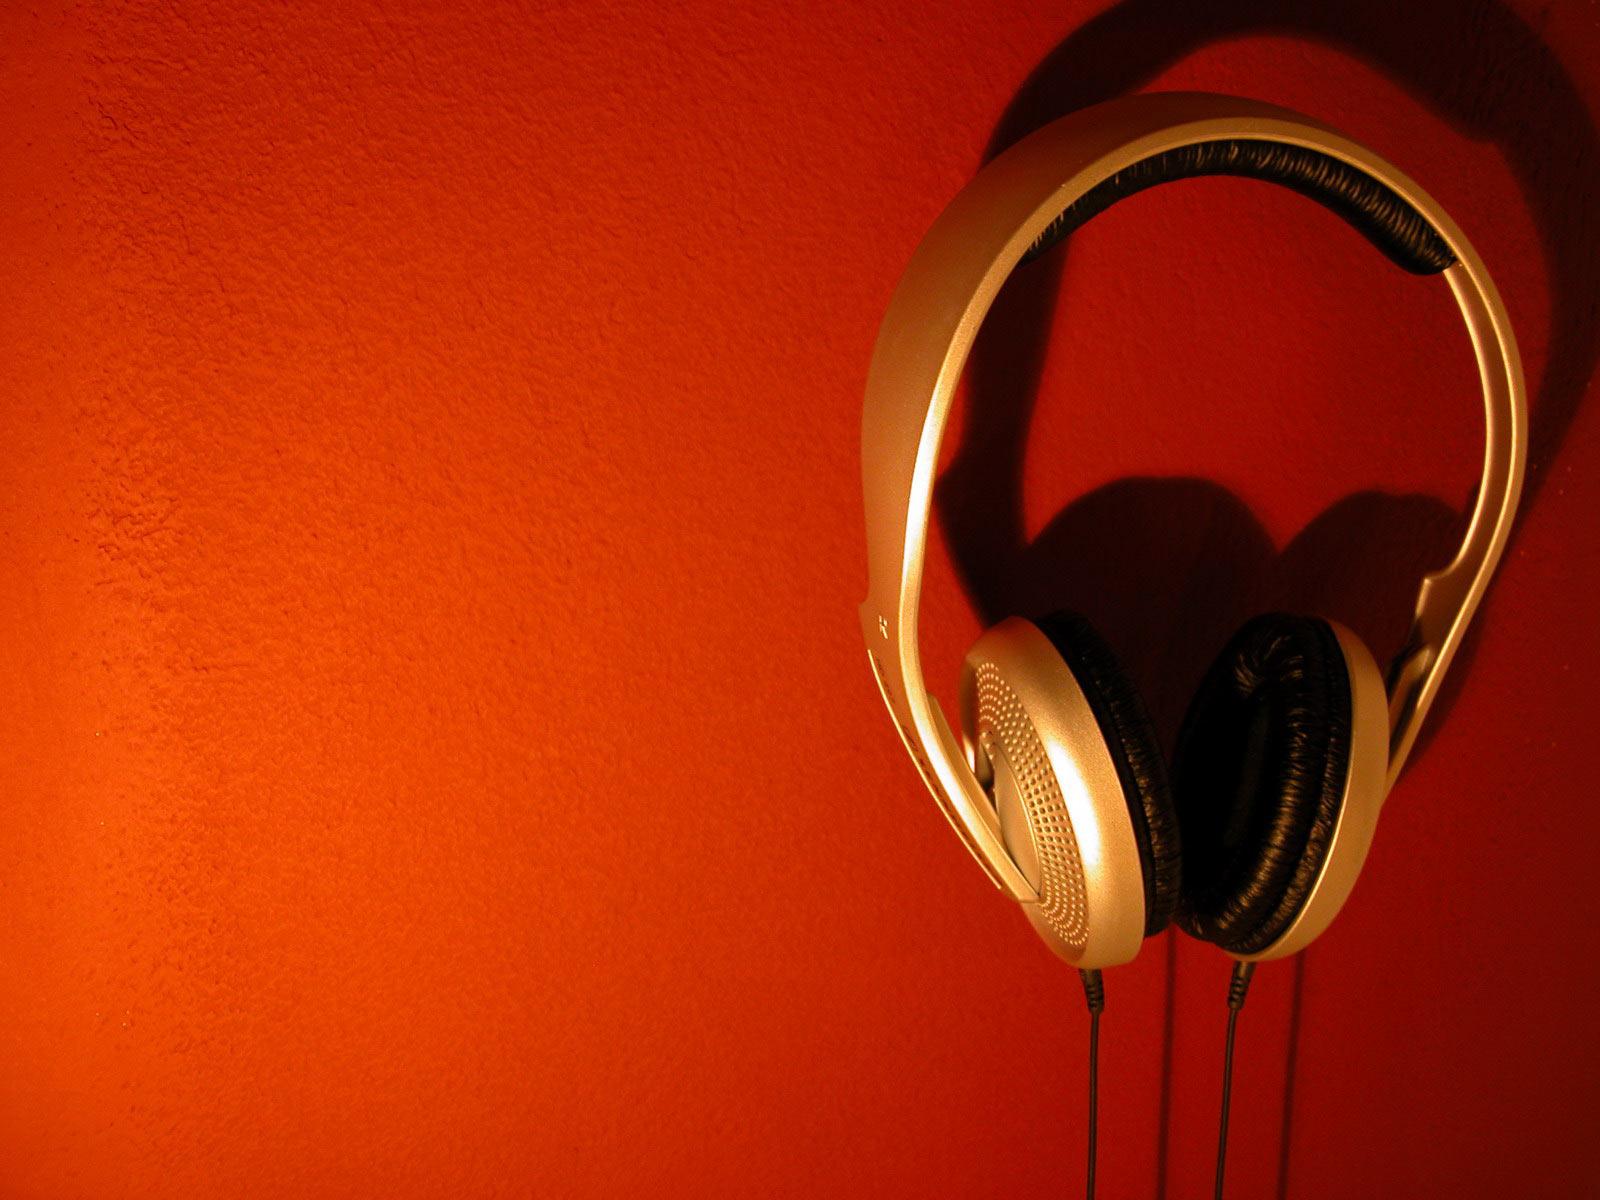 http://2.bp.blogspot.com/-FLNJ6koRel8/TmkUmunmCQI/AAAAAAAAAGM/TDqnum7T6mQ/s1600/1738-dj-disk-jockey-wallpaper.jpg